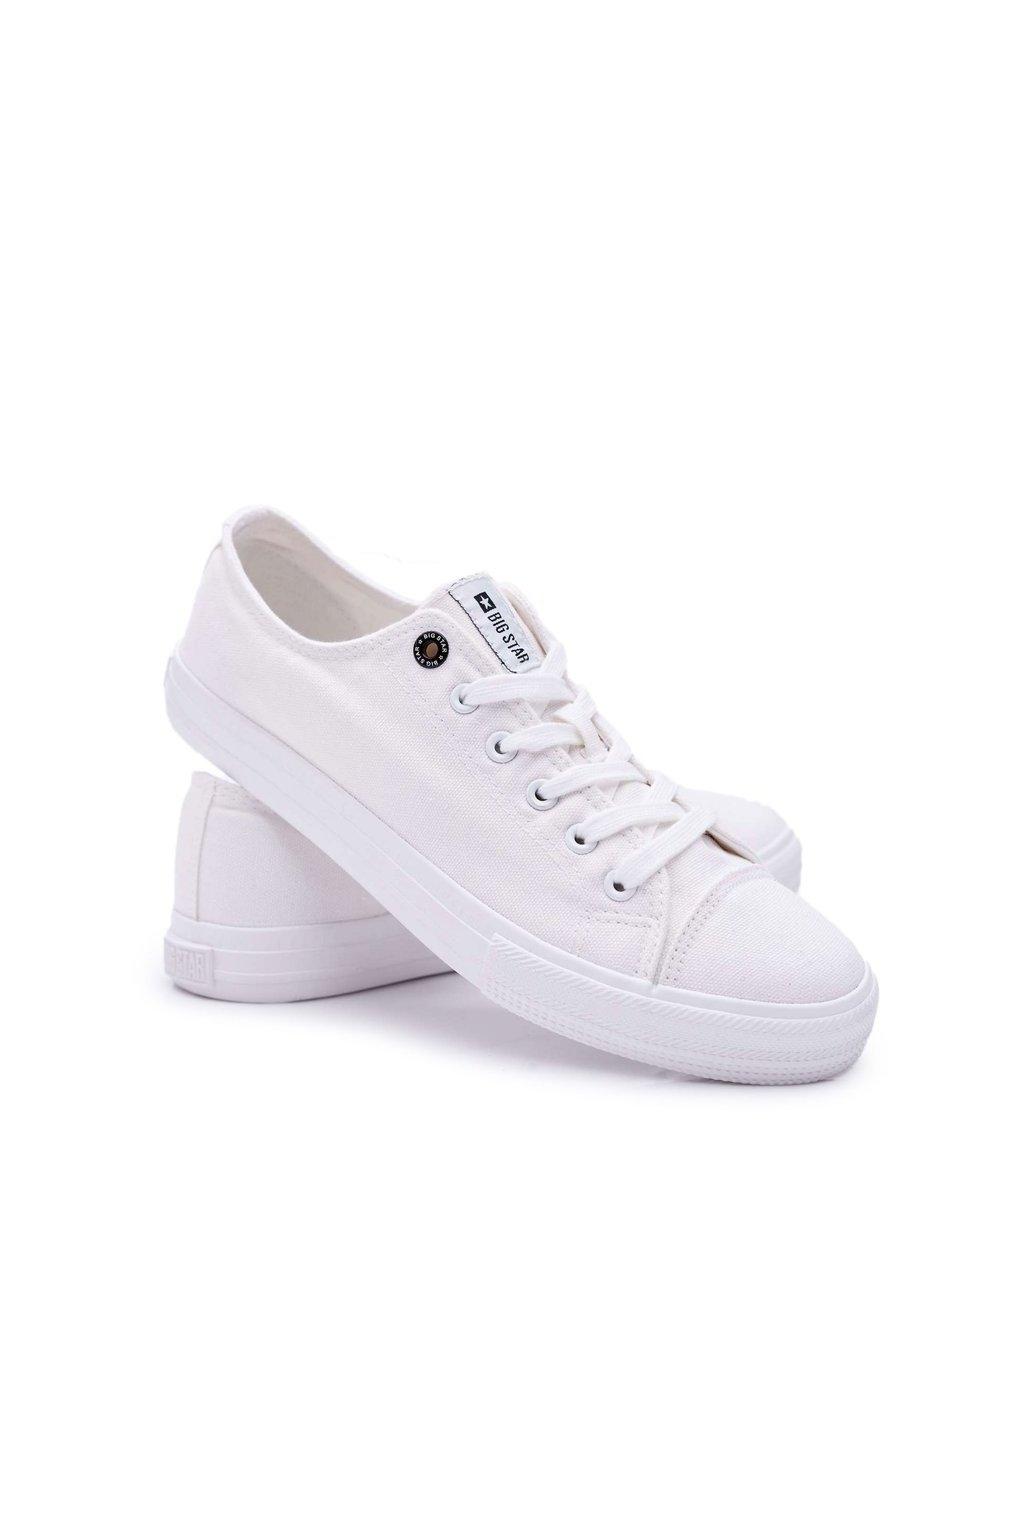 Biela obuv kód topánok FF174337 WHITE